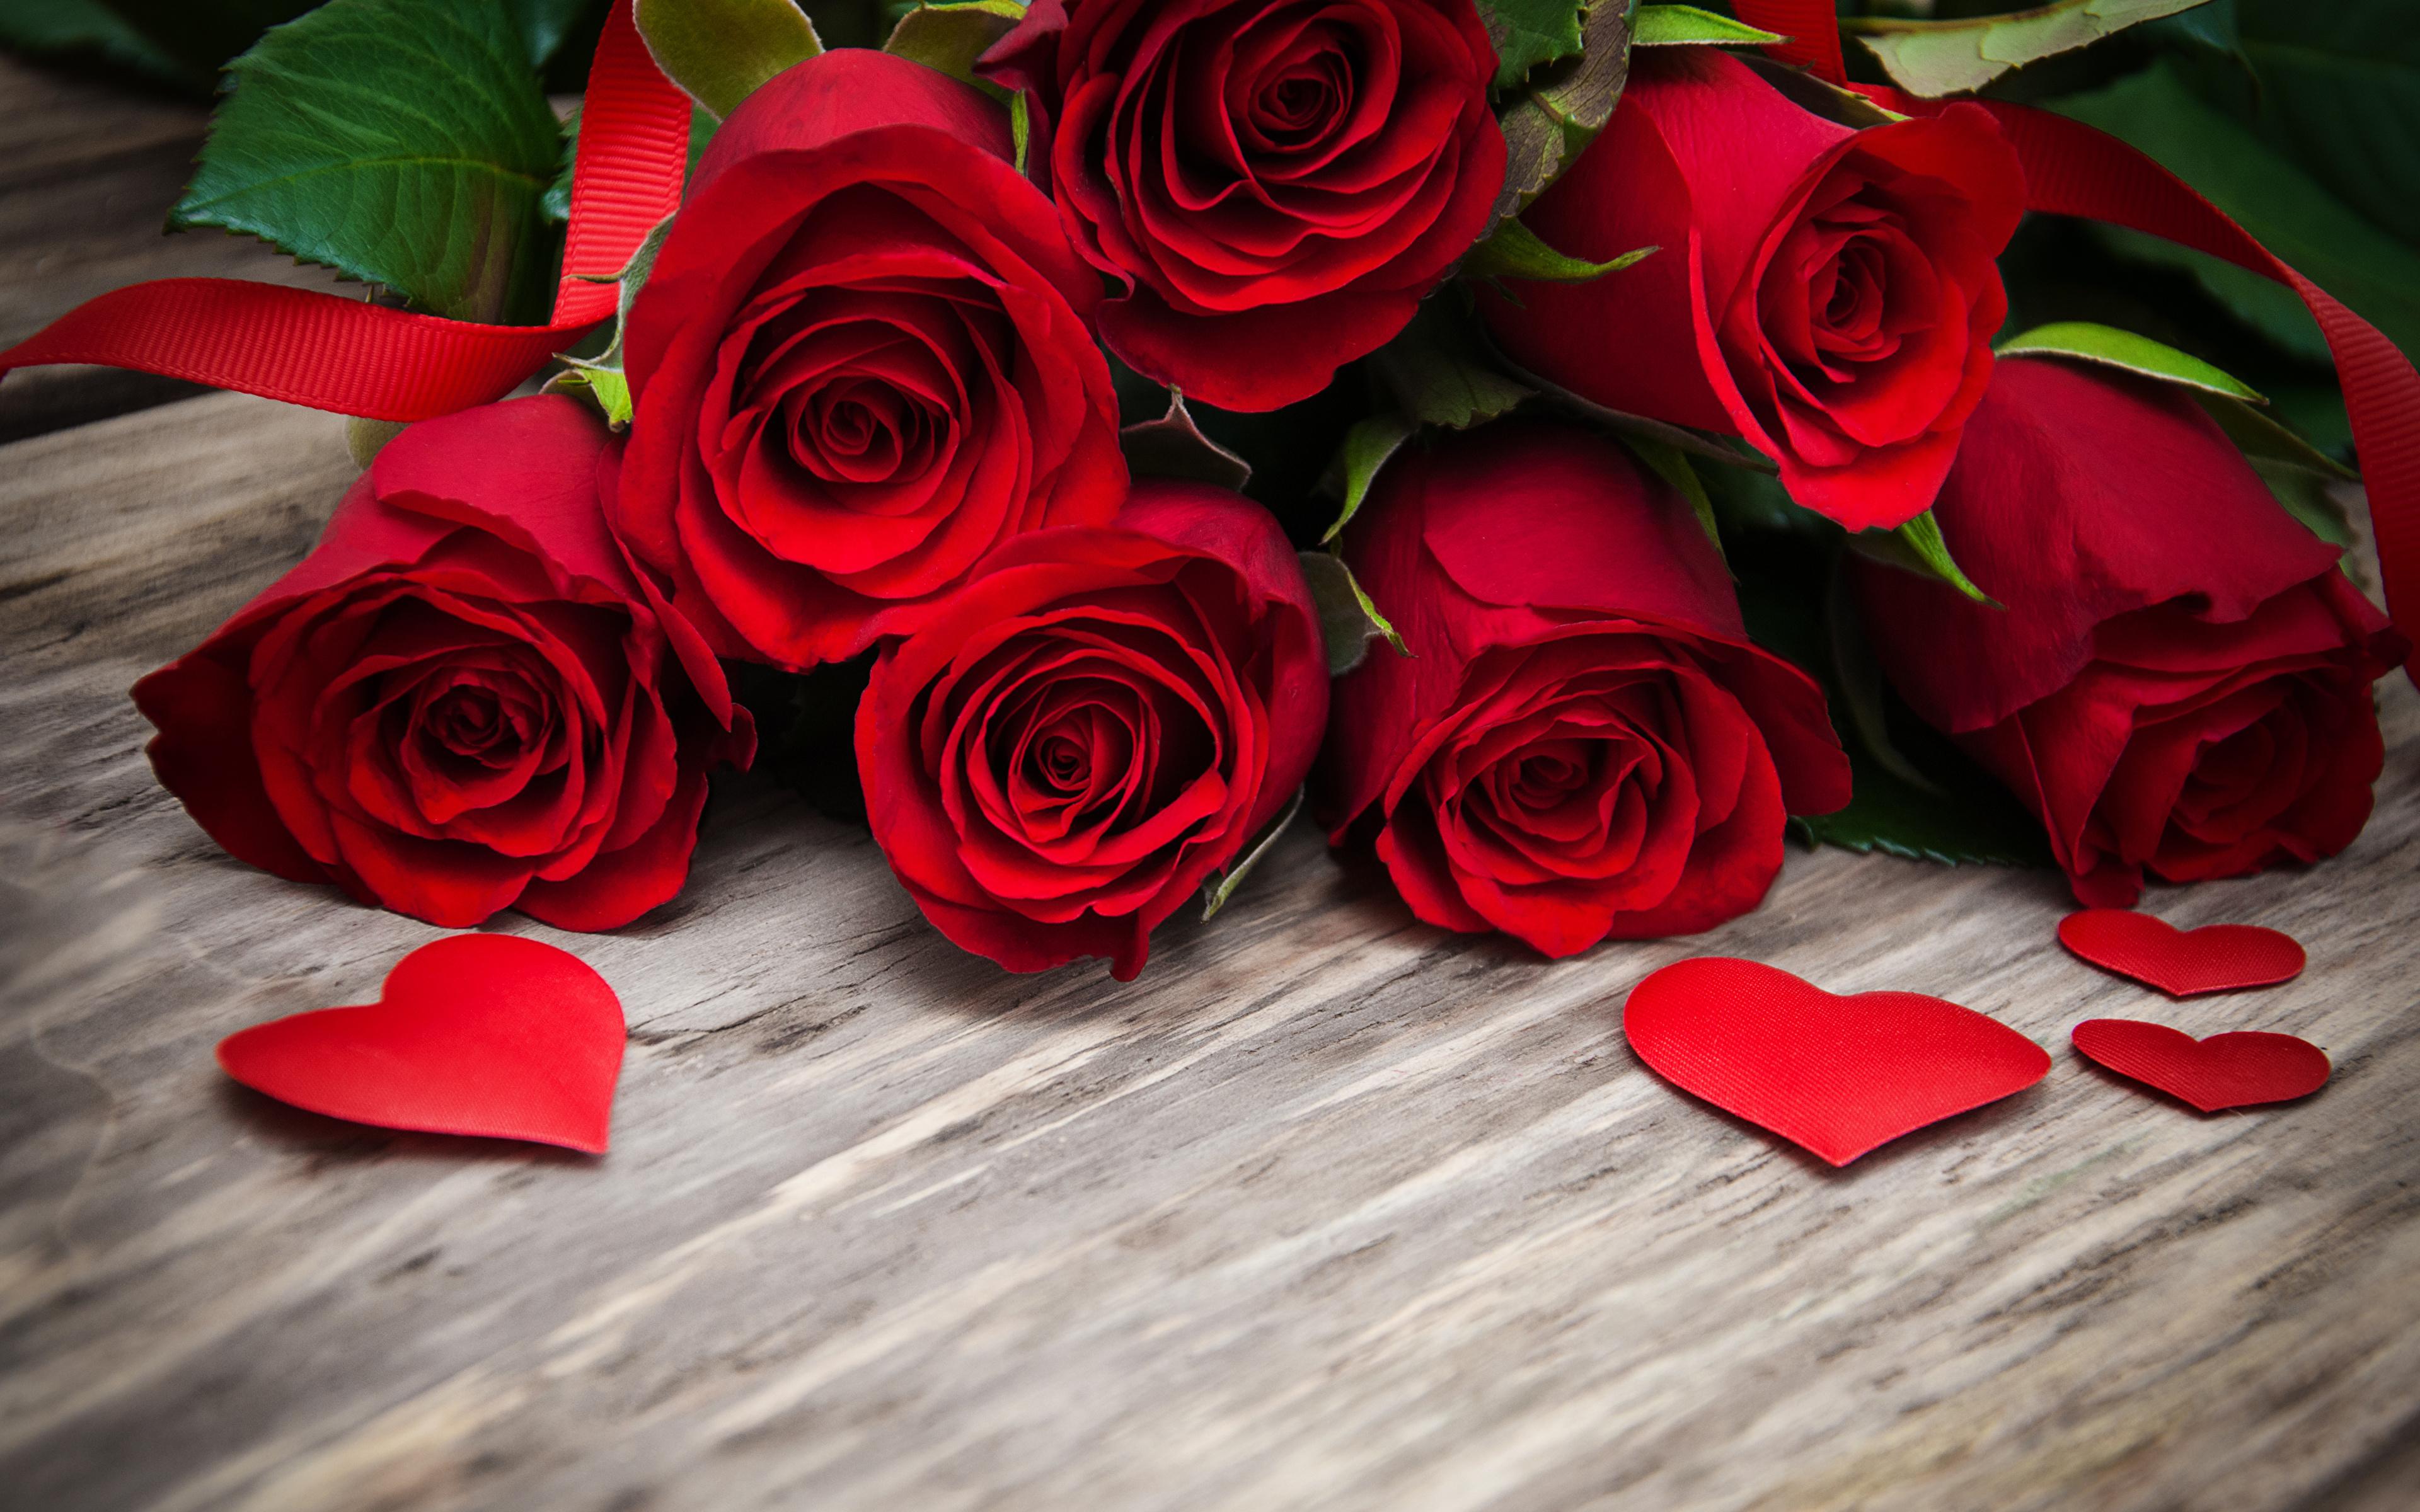 Desktop Wallpapers Heart Red Rose Flowers Boards 3840x2400